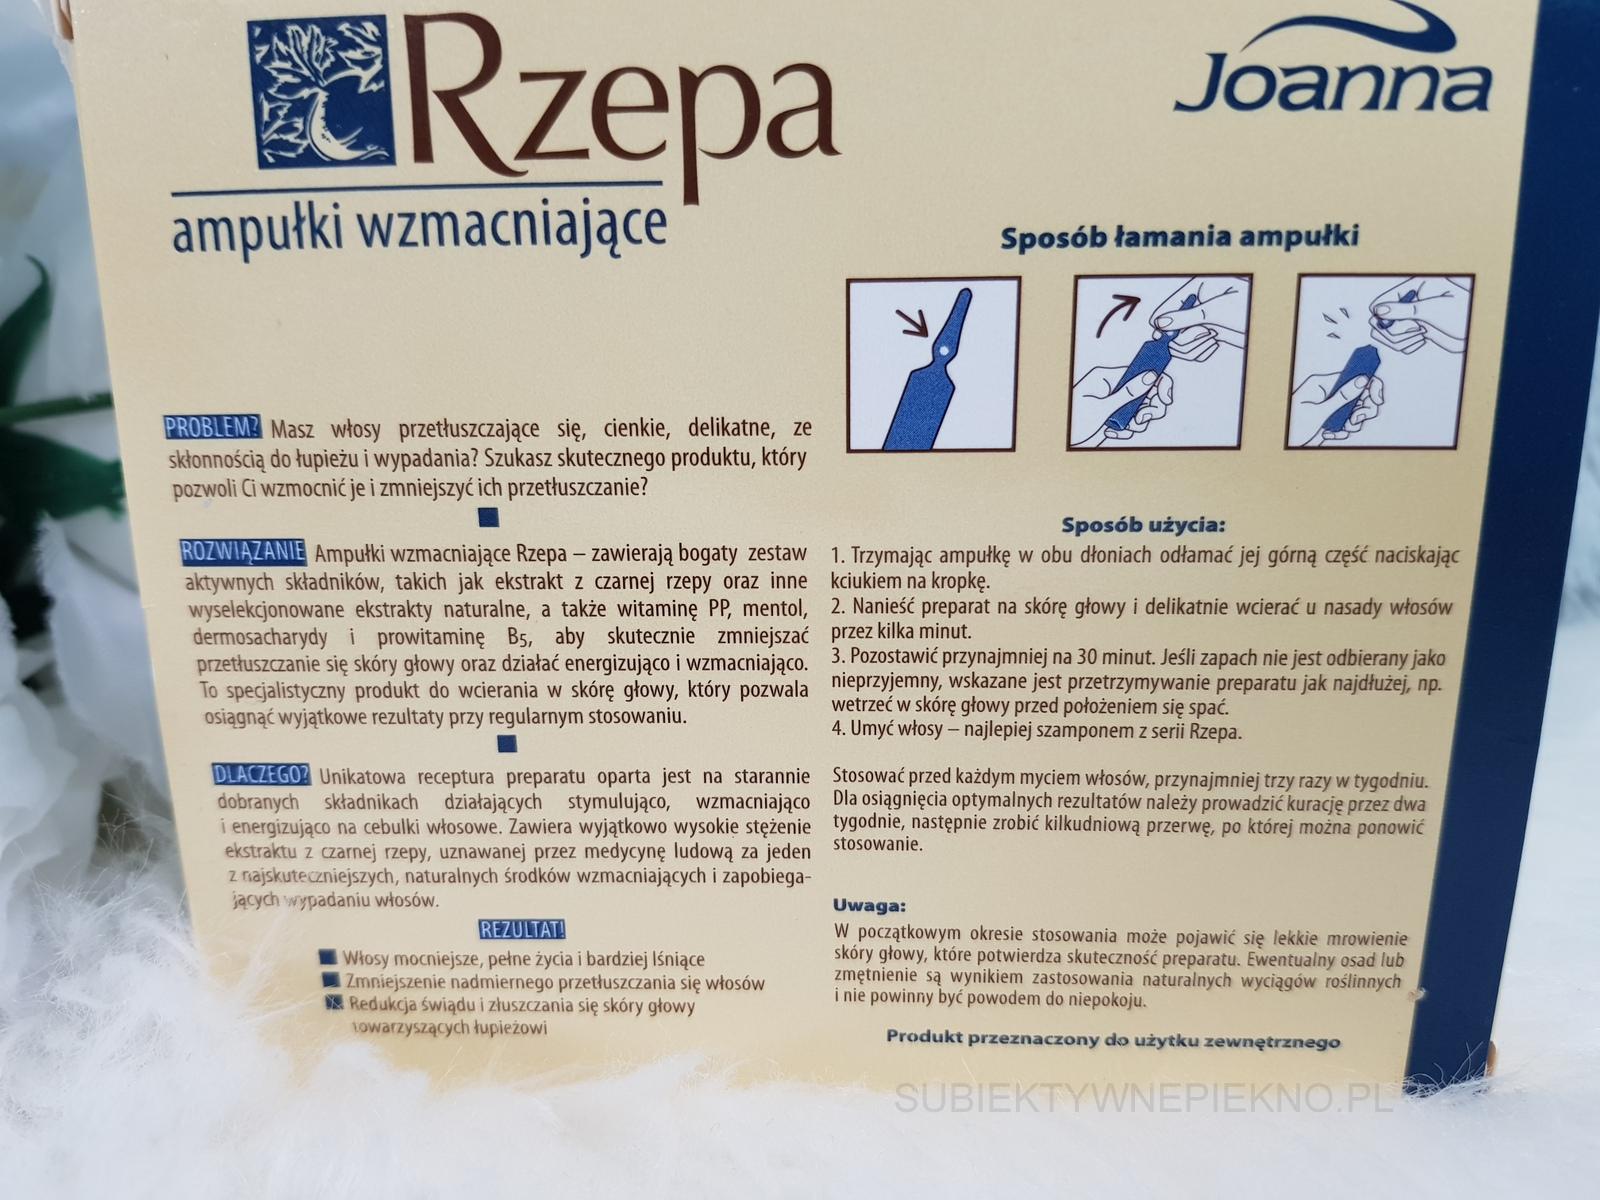 Wzmacniające ampułki do włosów Rzepa Joanna. Działanie, opinie, blog.